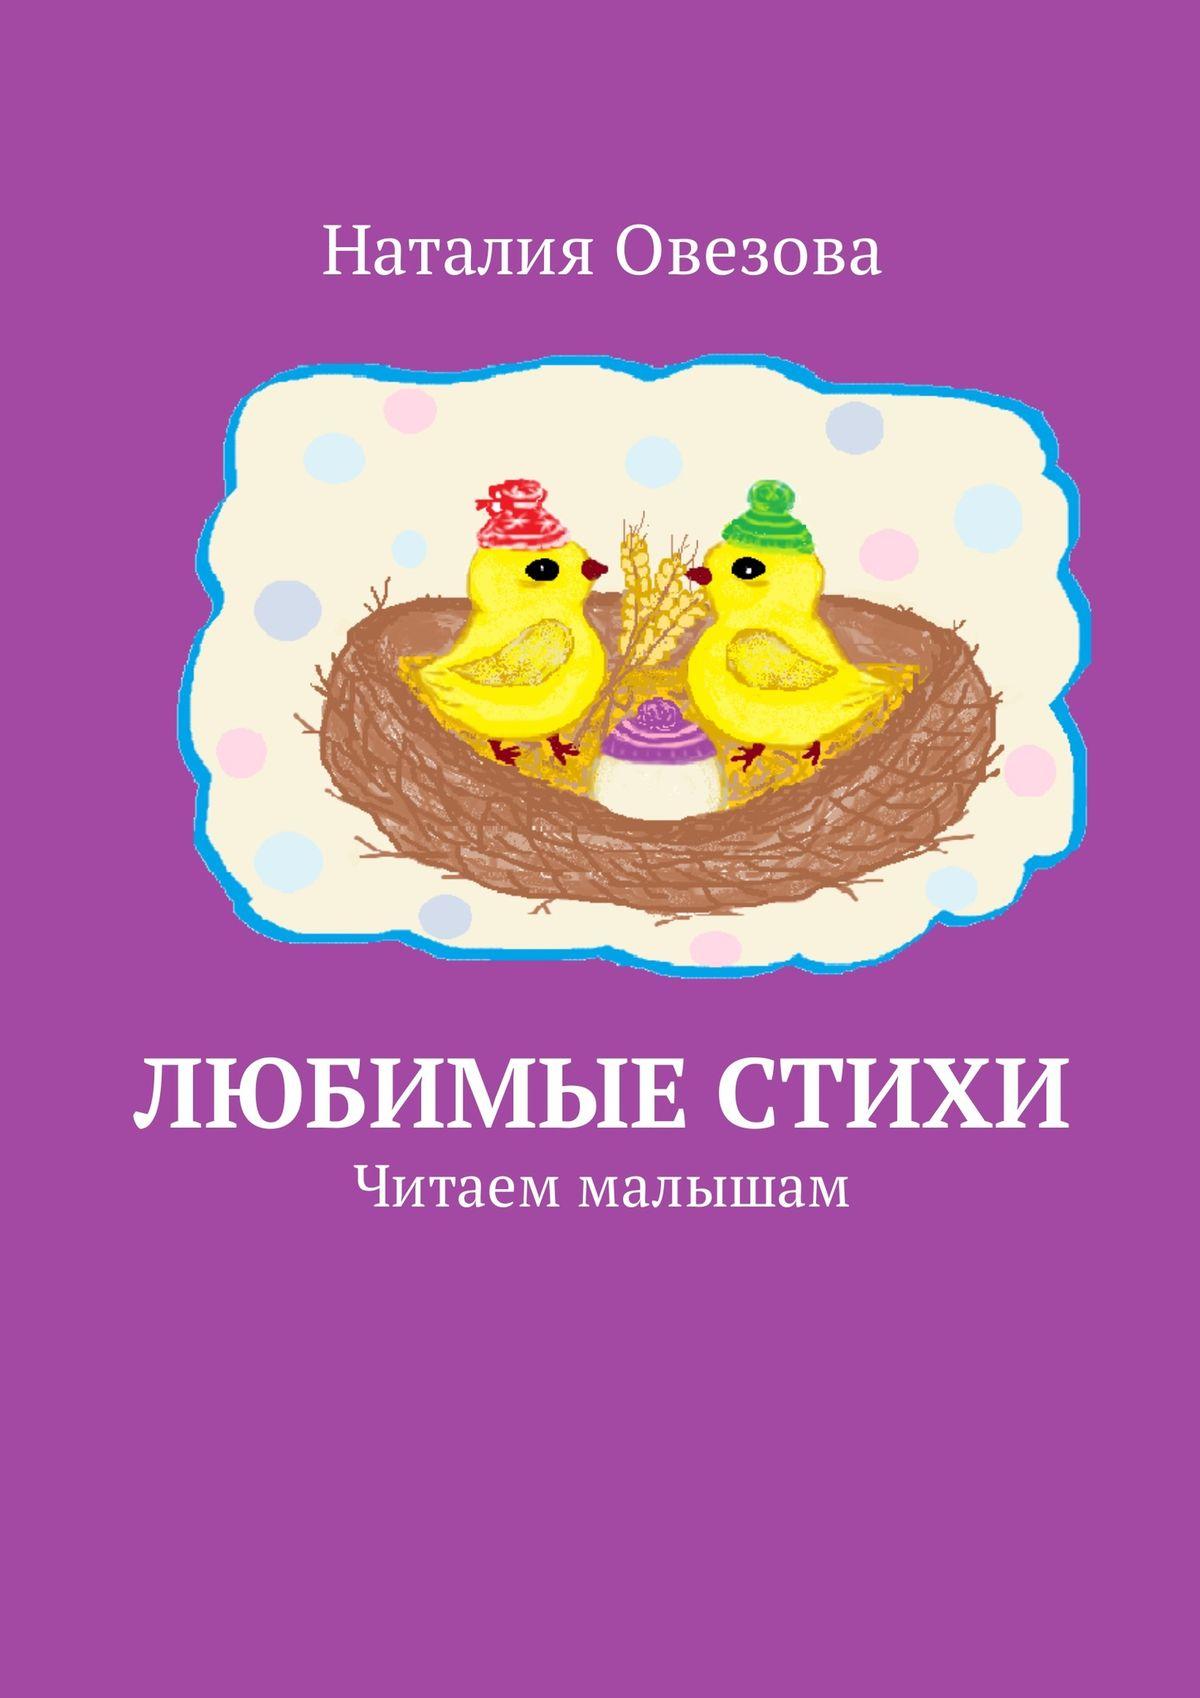 Наталия Овезова Любимые стихи. Читаем малышам цена